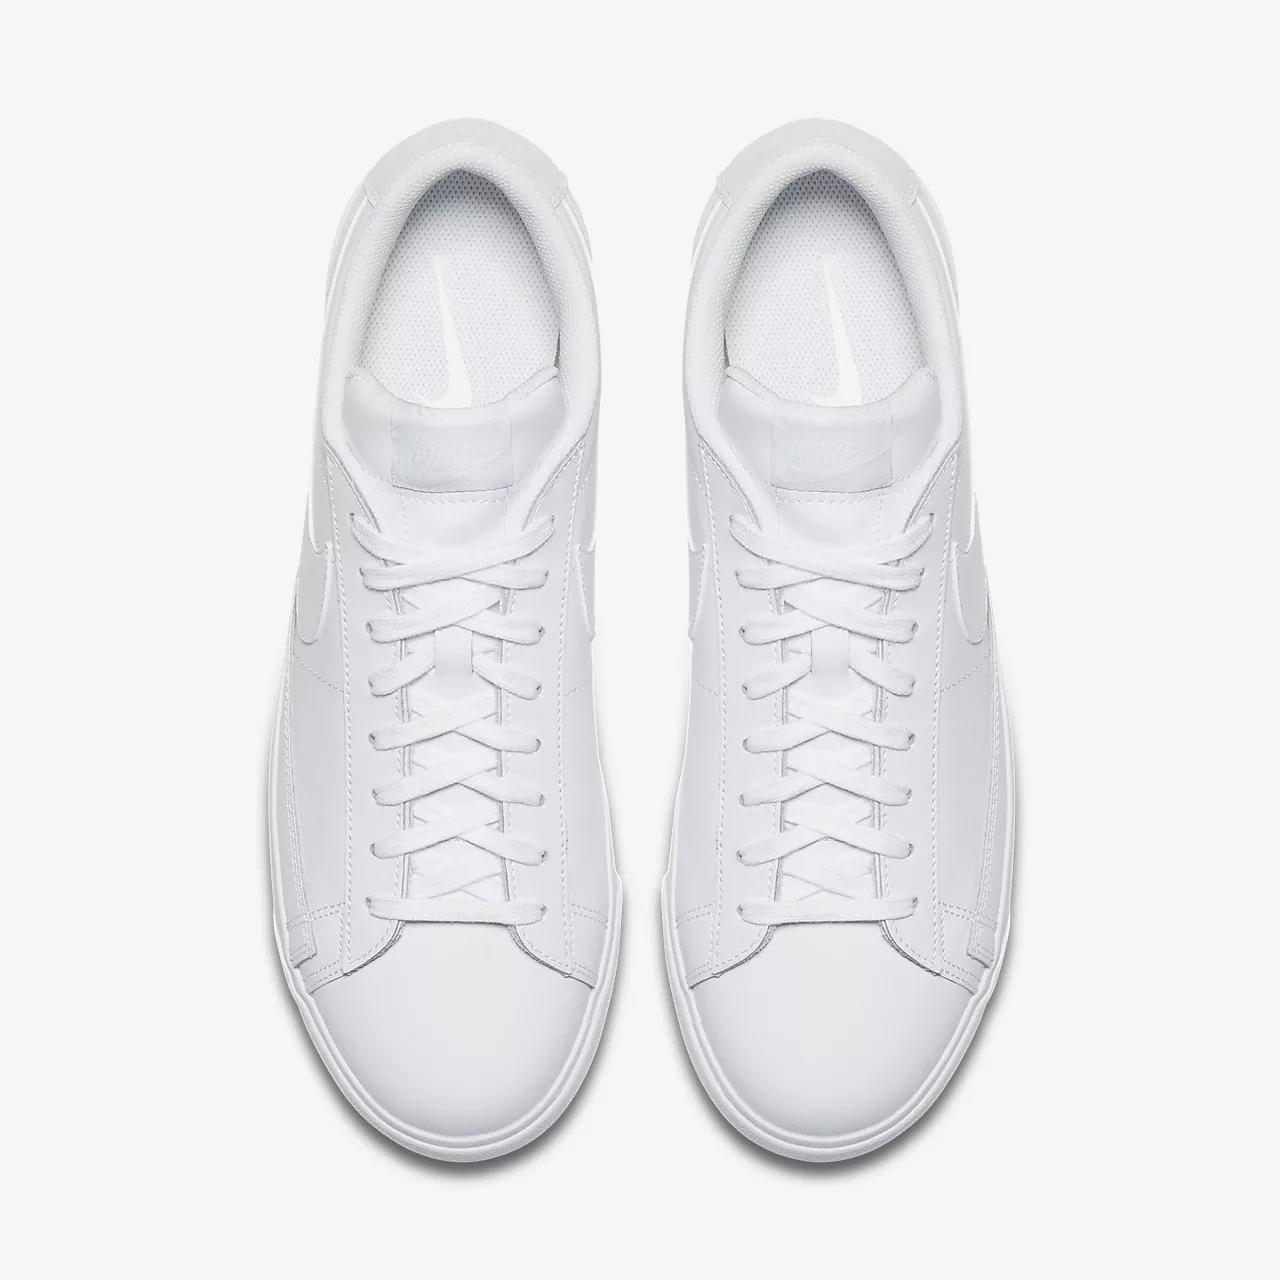 나이키 블레이저 로우 남성 신발 AQ3597-100